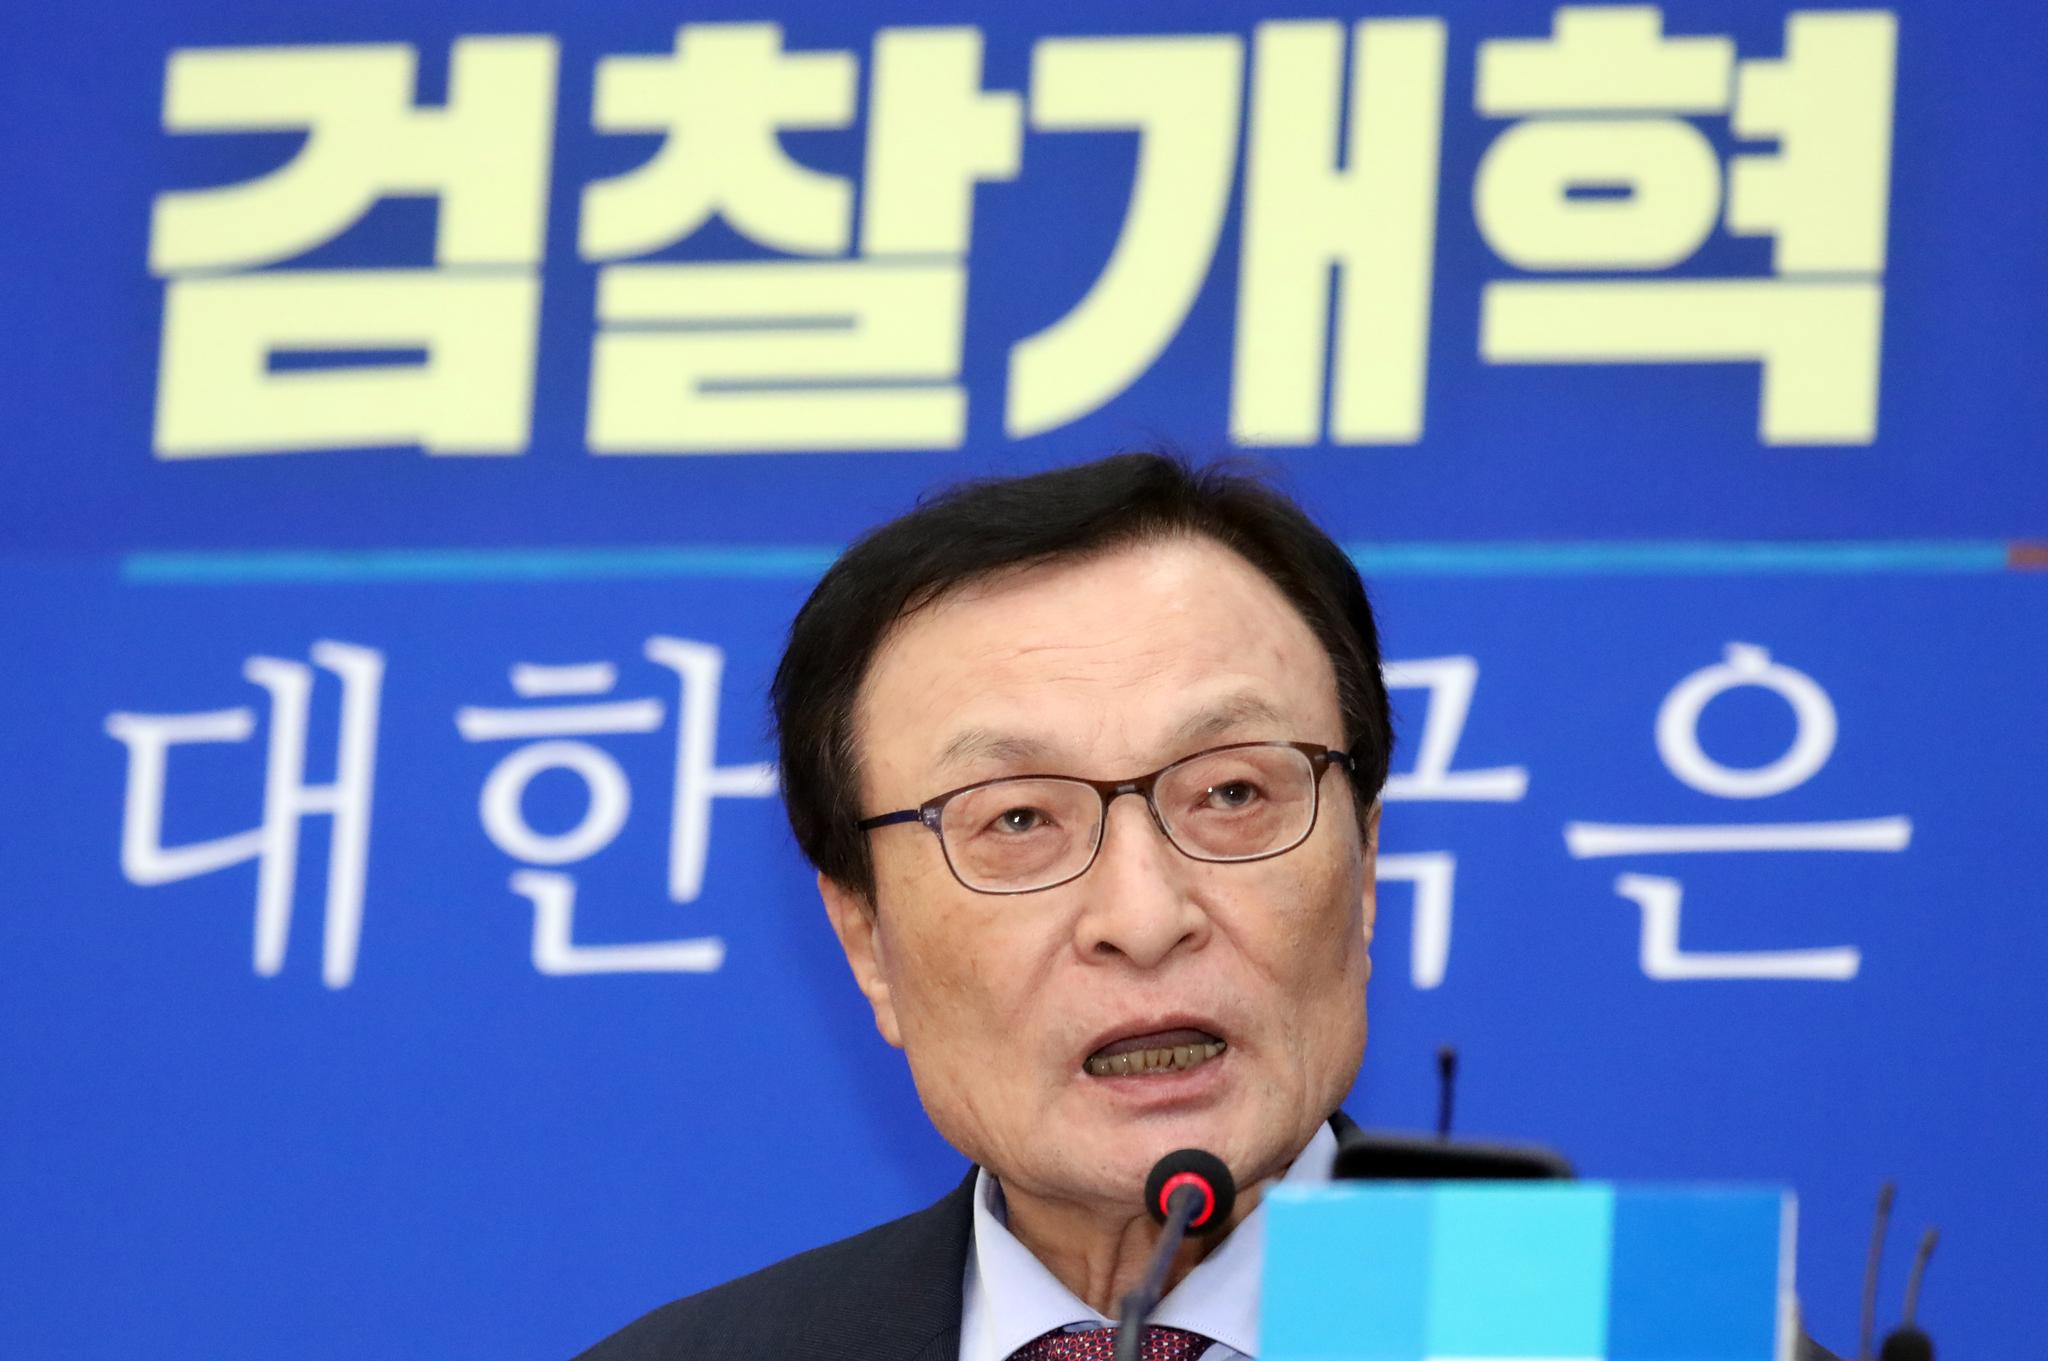 이해찬 더불어민주당 대표가 30일 서울 여의도 국회에서 열린 정기 기자간담회에서 발언을 하고 있다. [뉴스1]